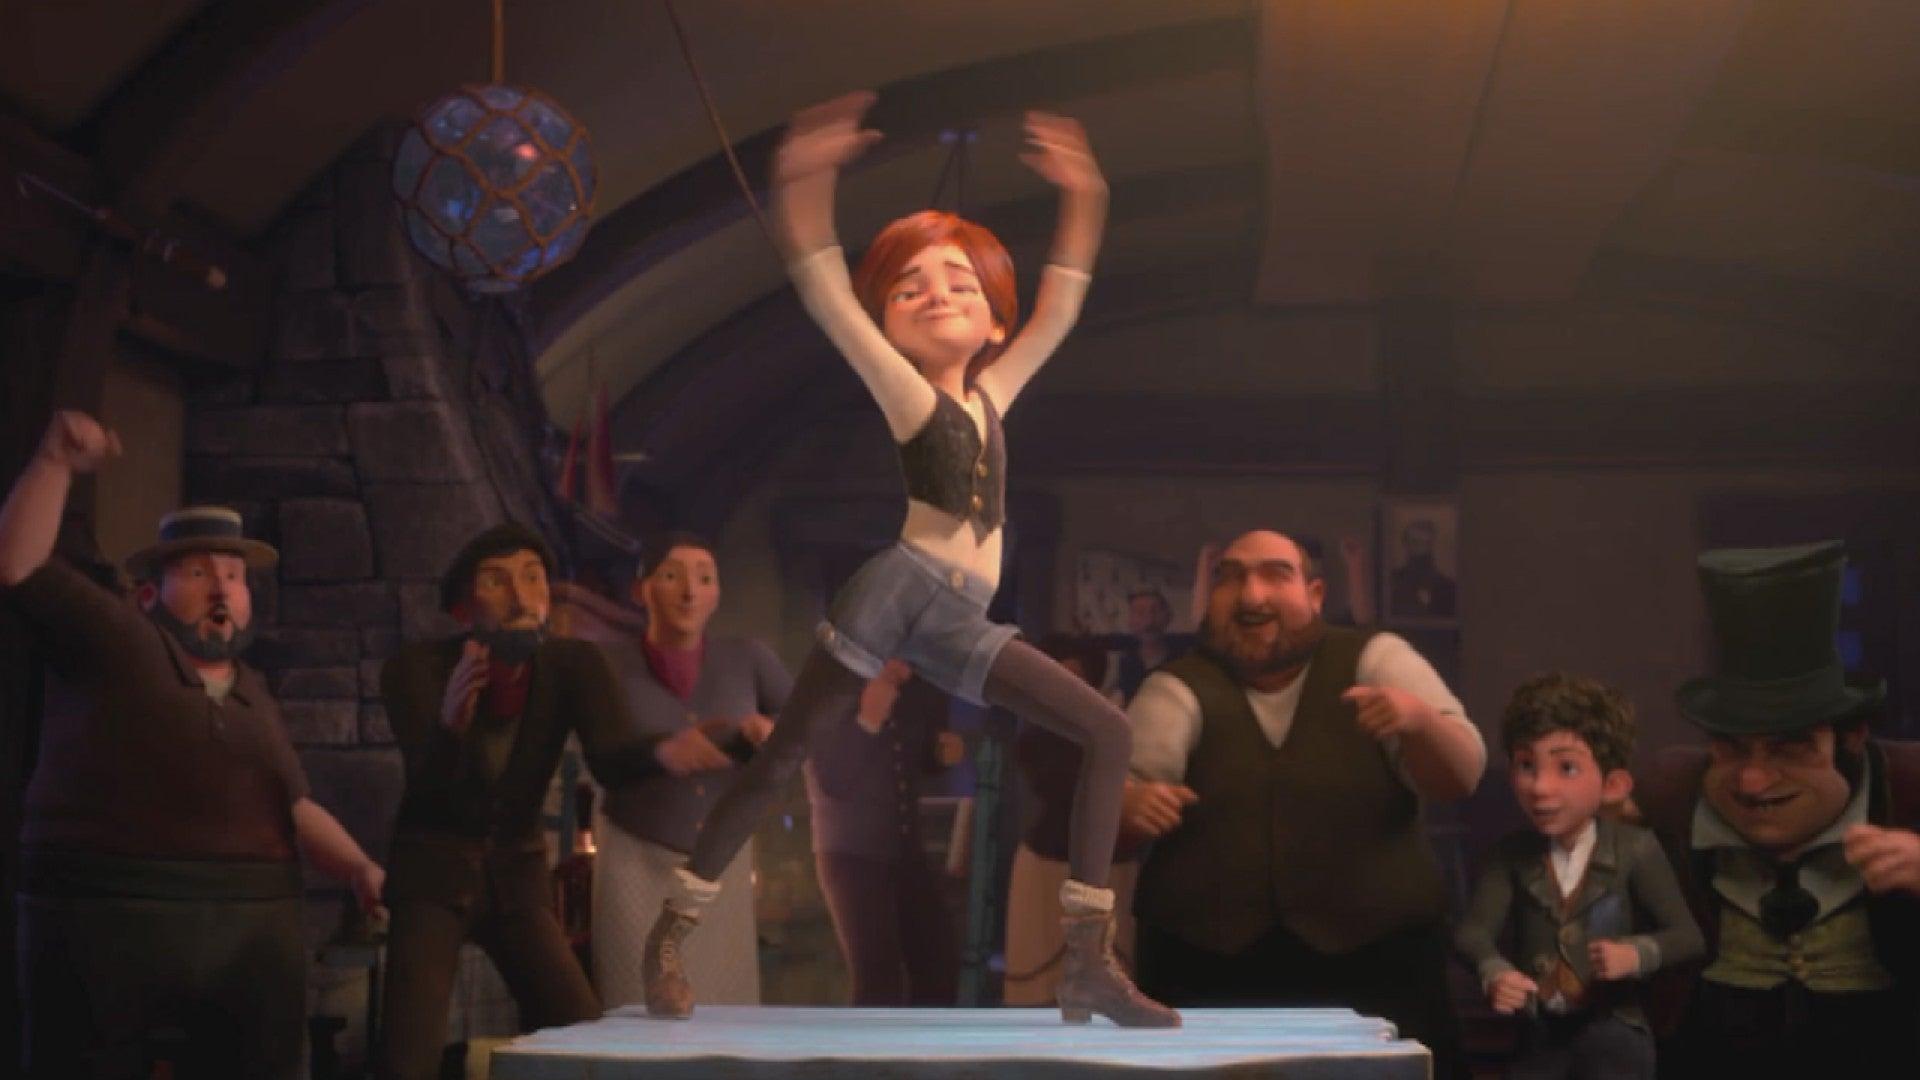 فيليسي تبهر الجميع برقصها بالحانة.